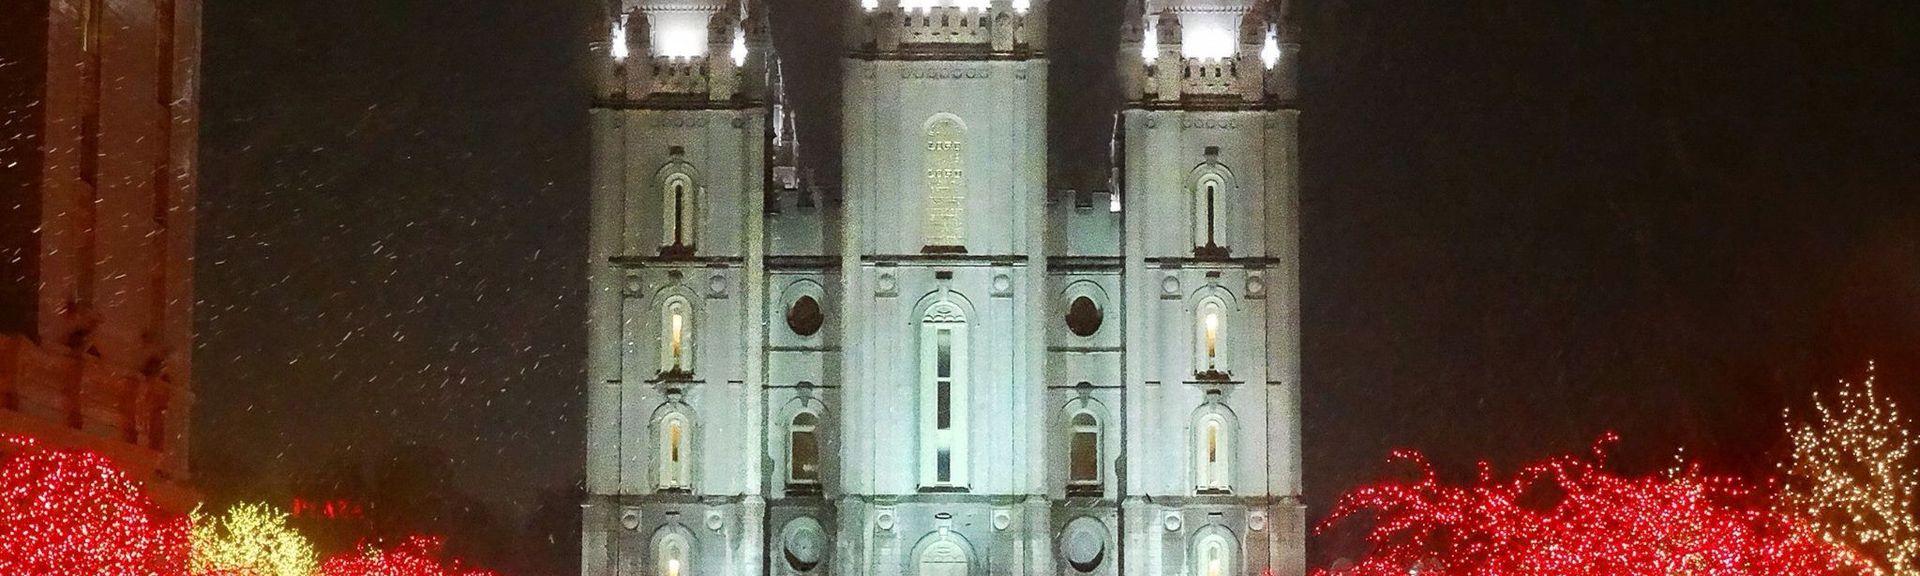 Temple Square, Salt Lake City, UT, USA